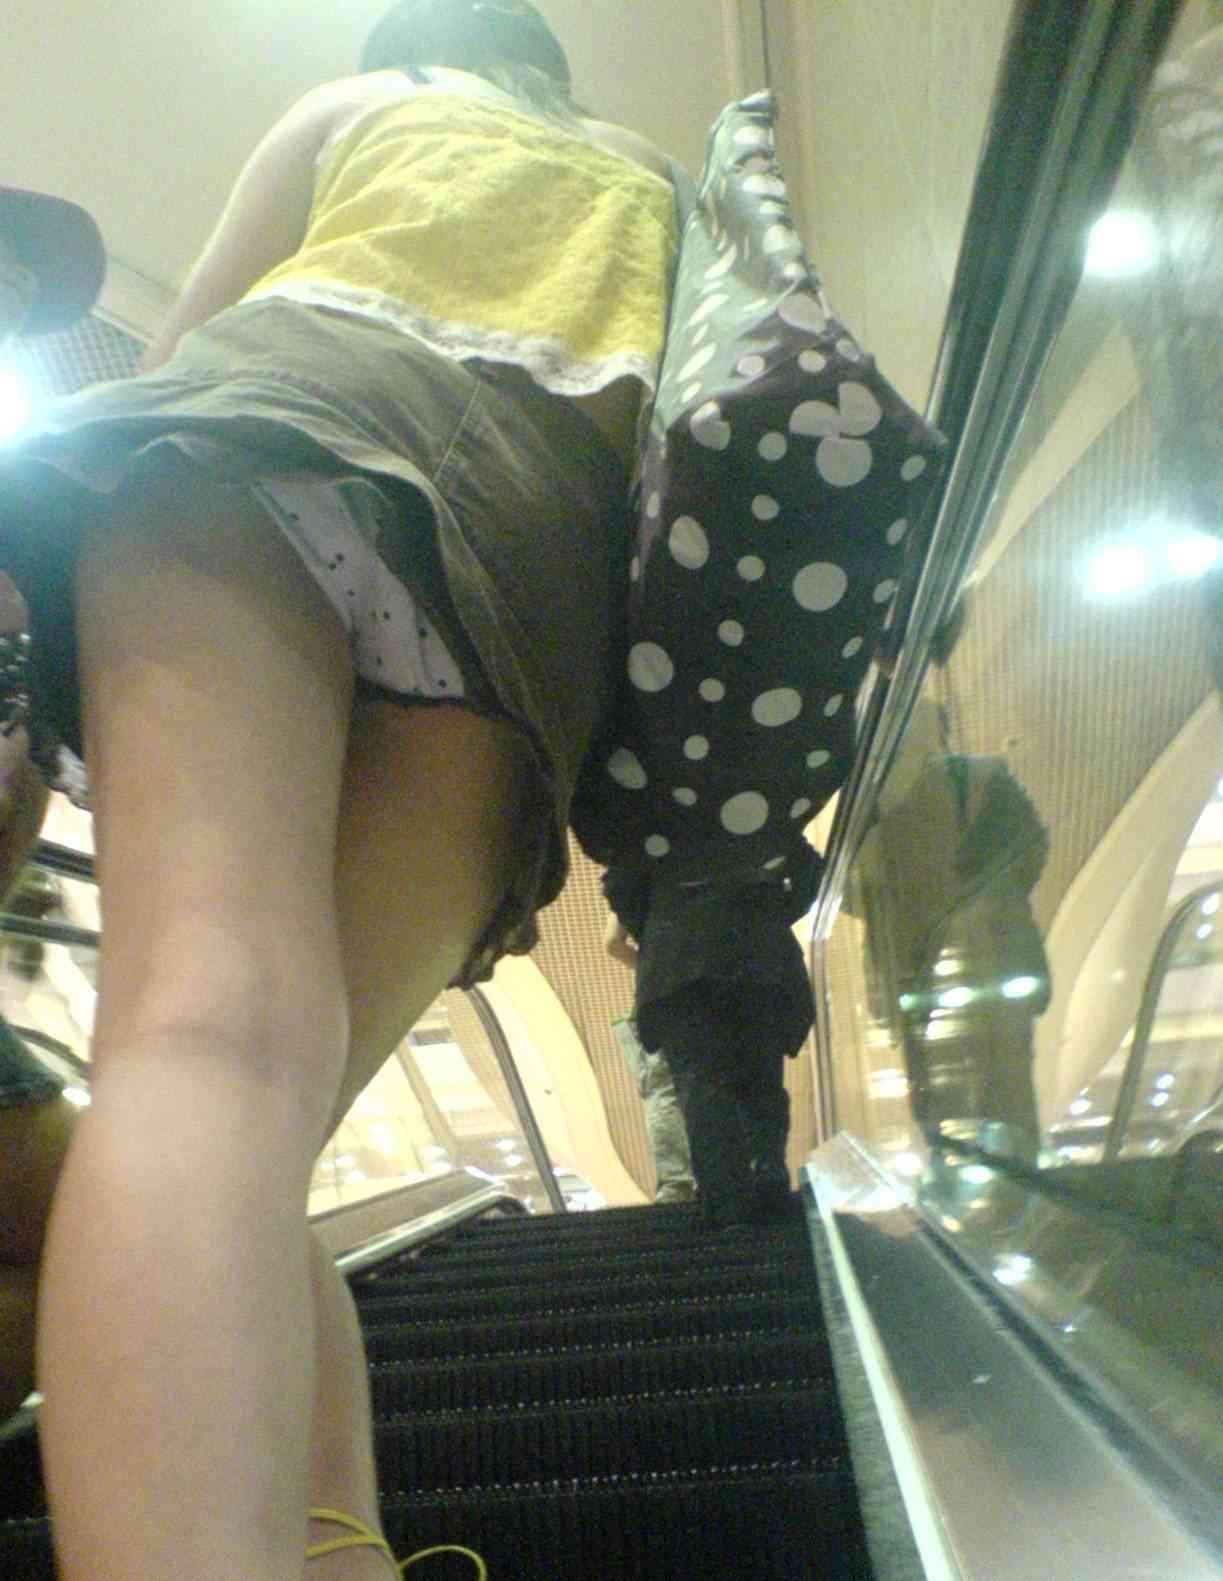 【パンチラエロ画像】エスカレーターの上部に存在するパンチラ絶景を口開けながら見てた(゚д゚)